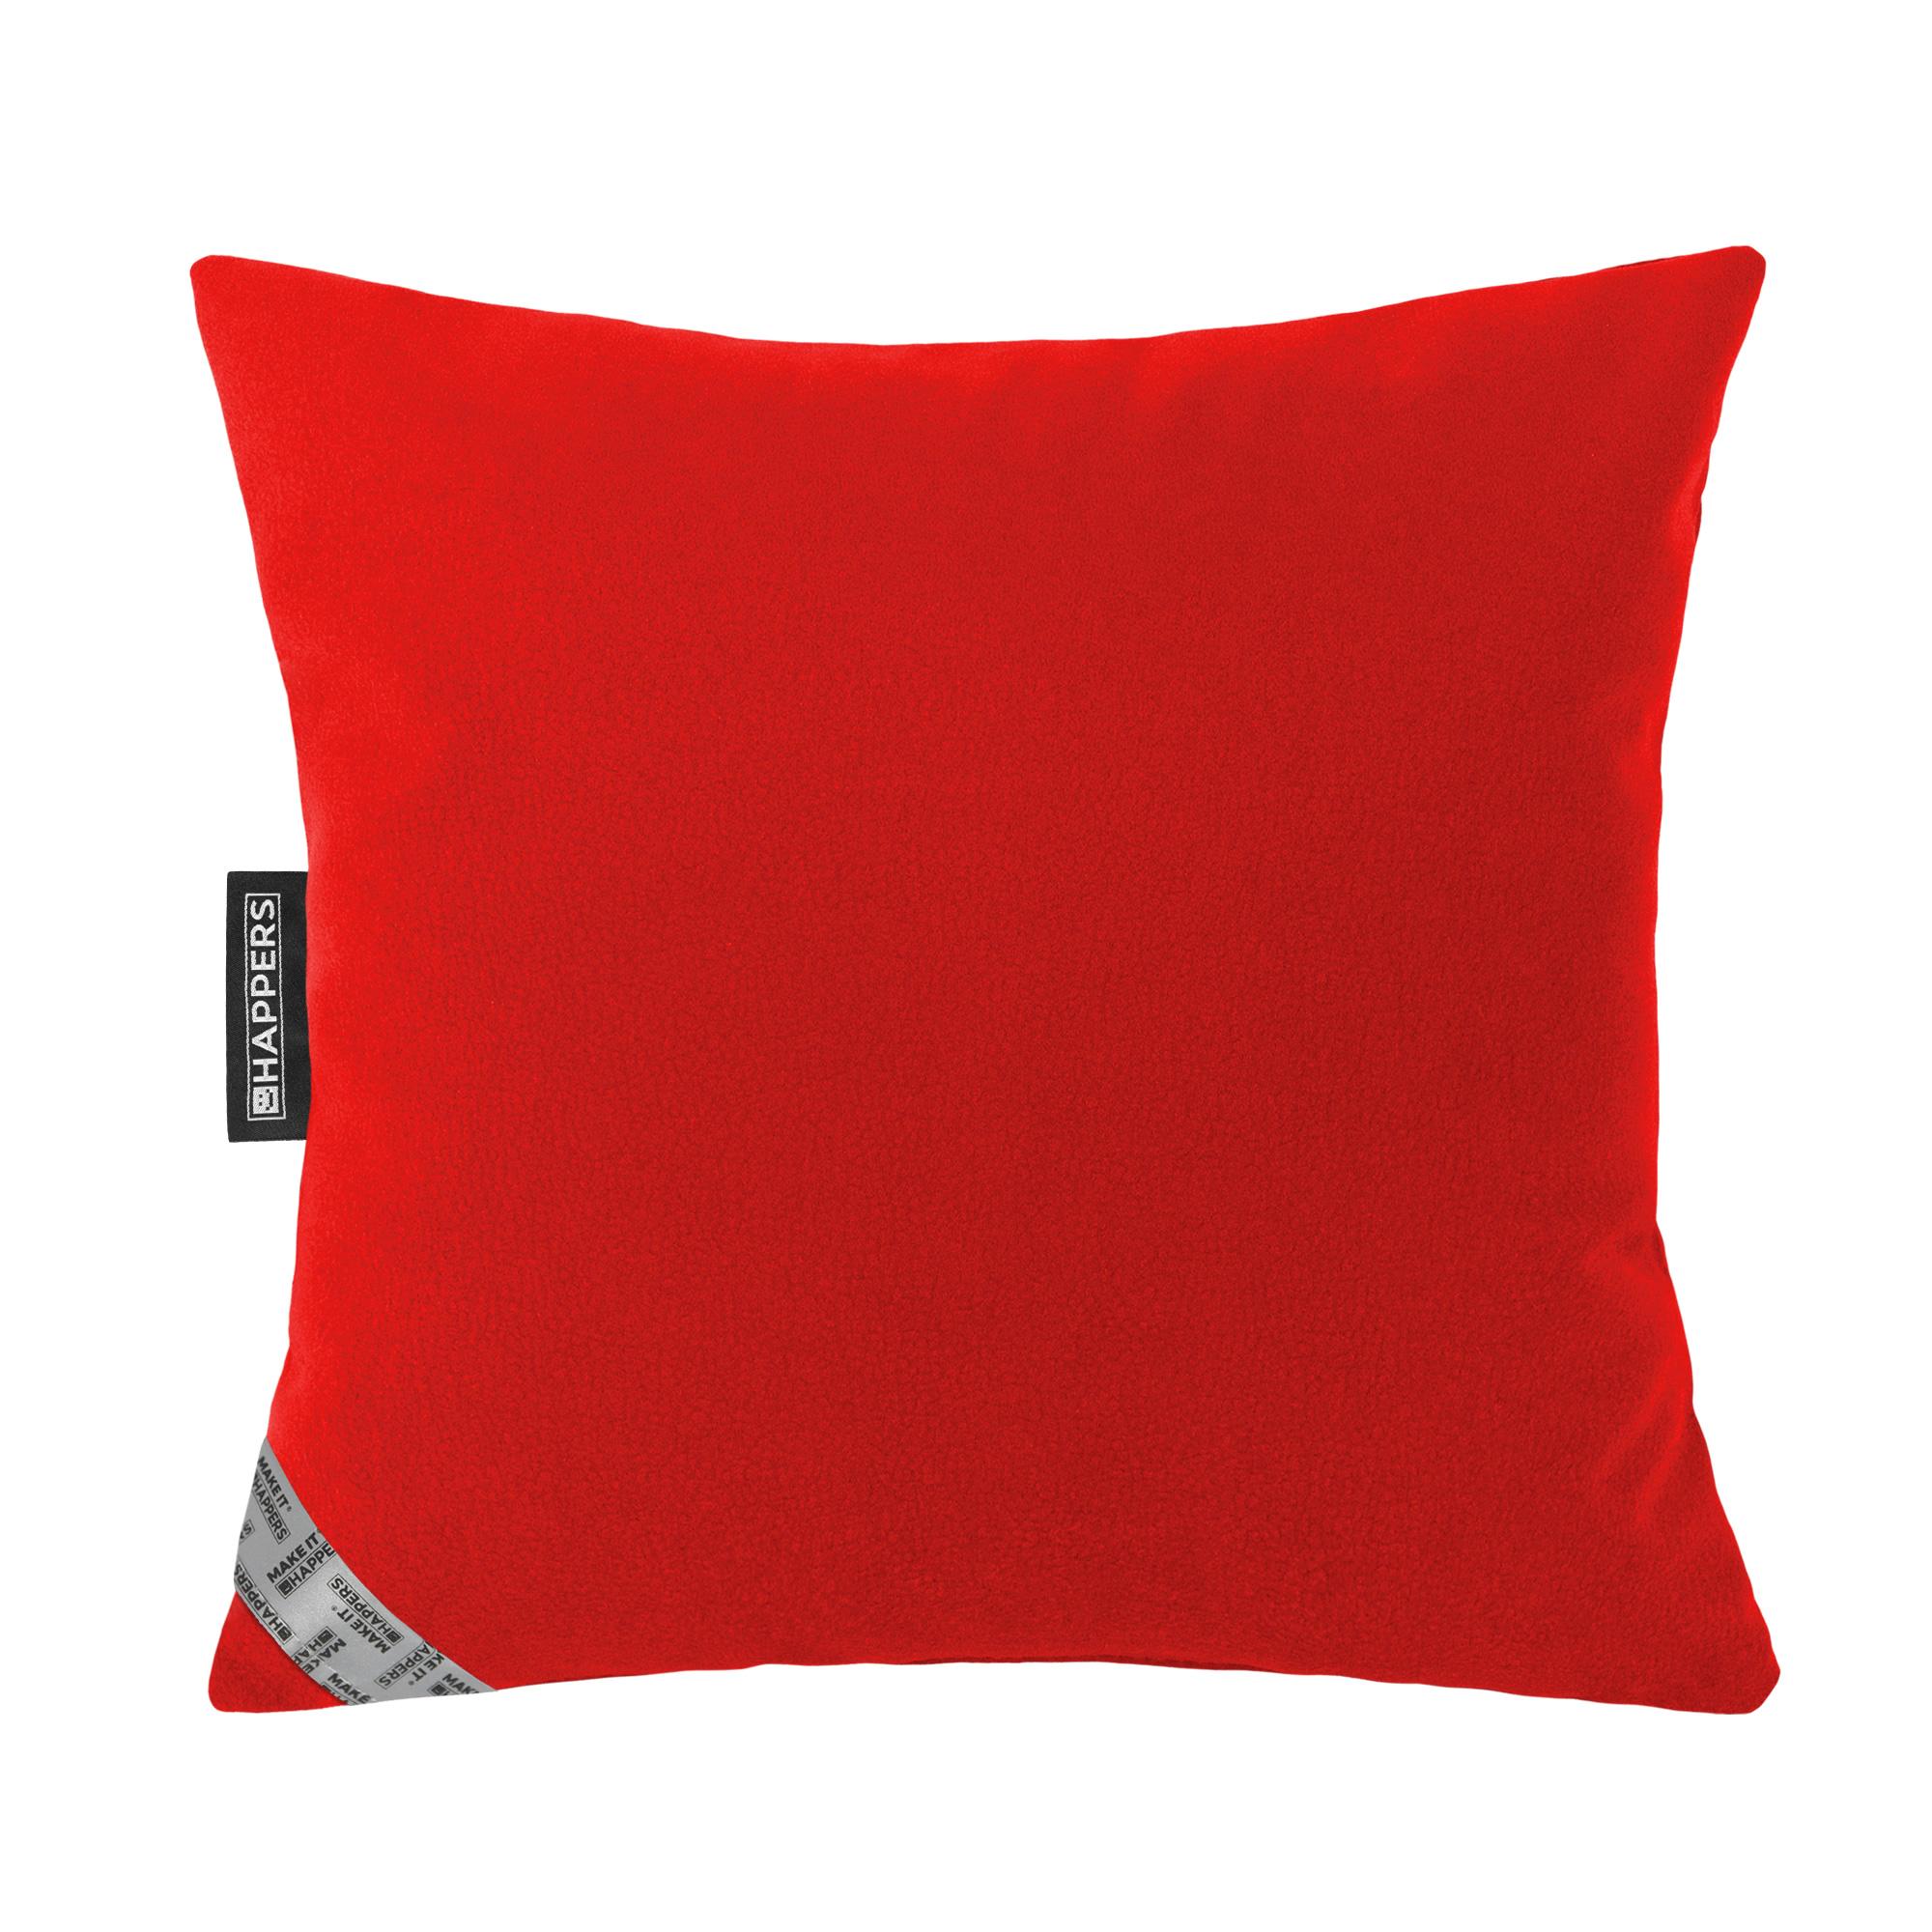 Cojín 45x45 Aquaclean Carabú Rojo en puffdepera.com